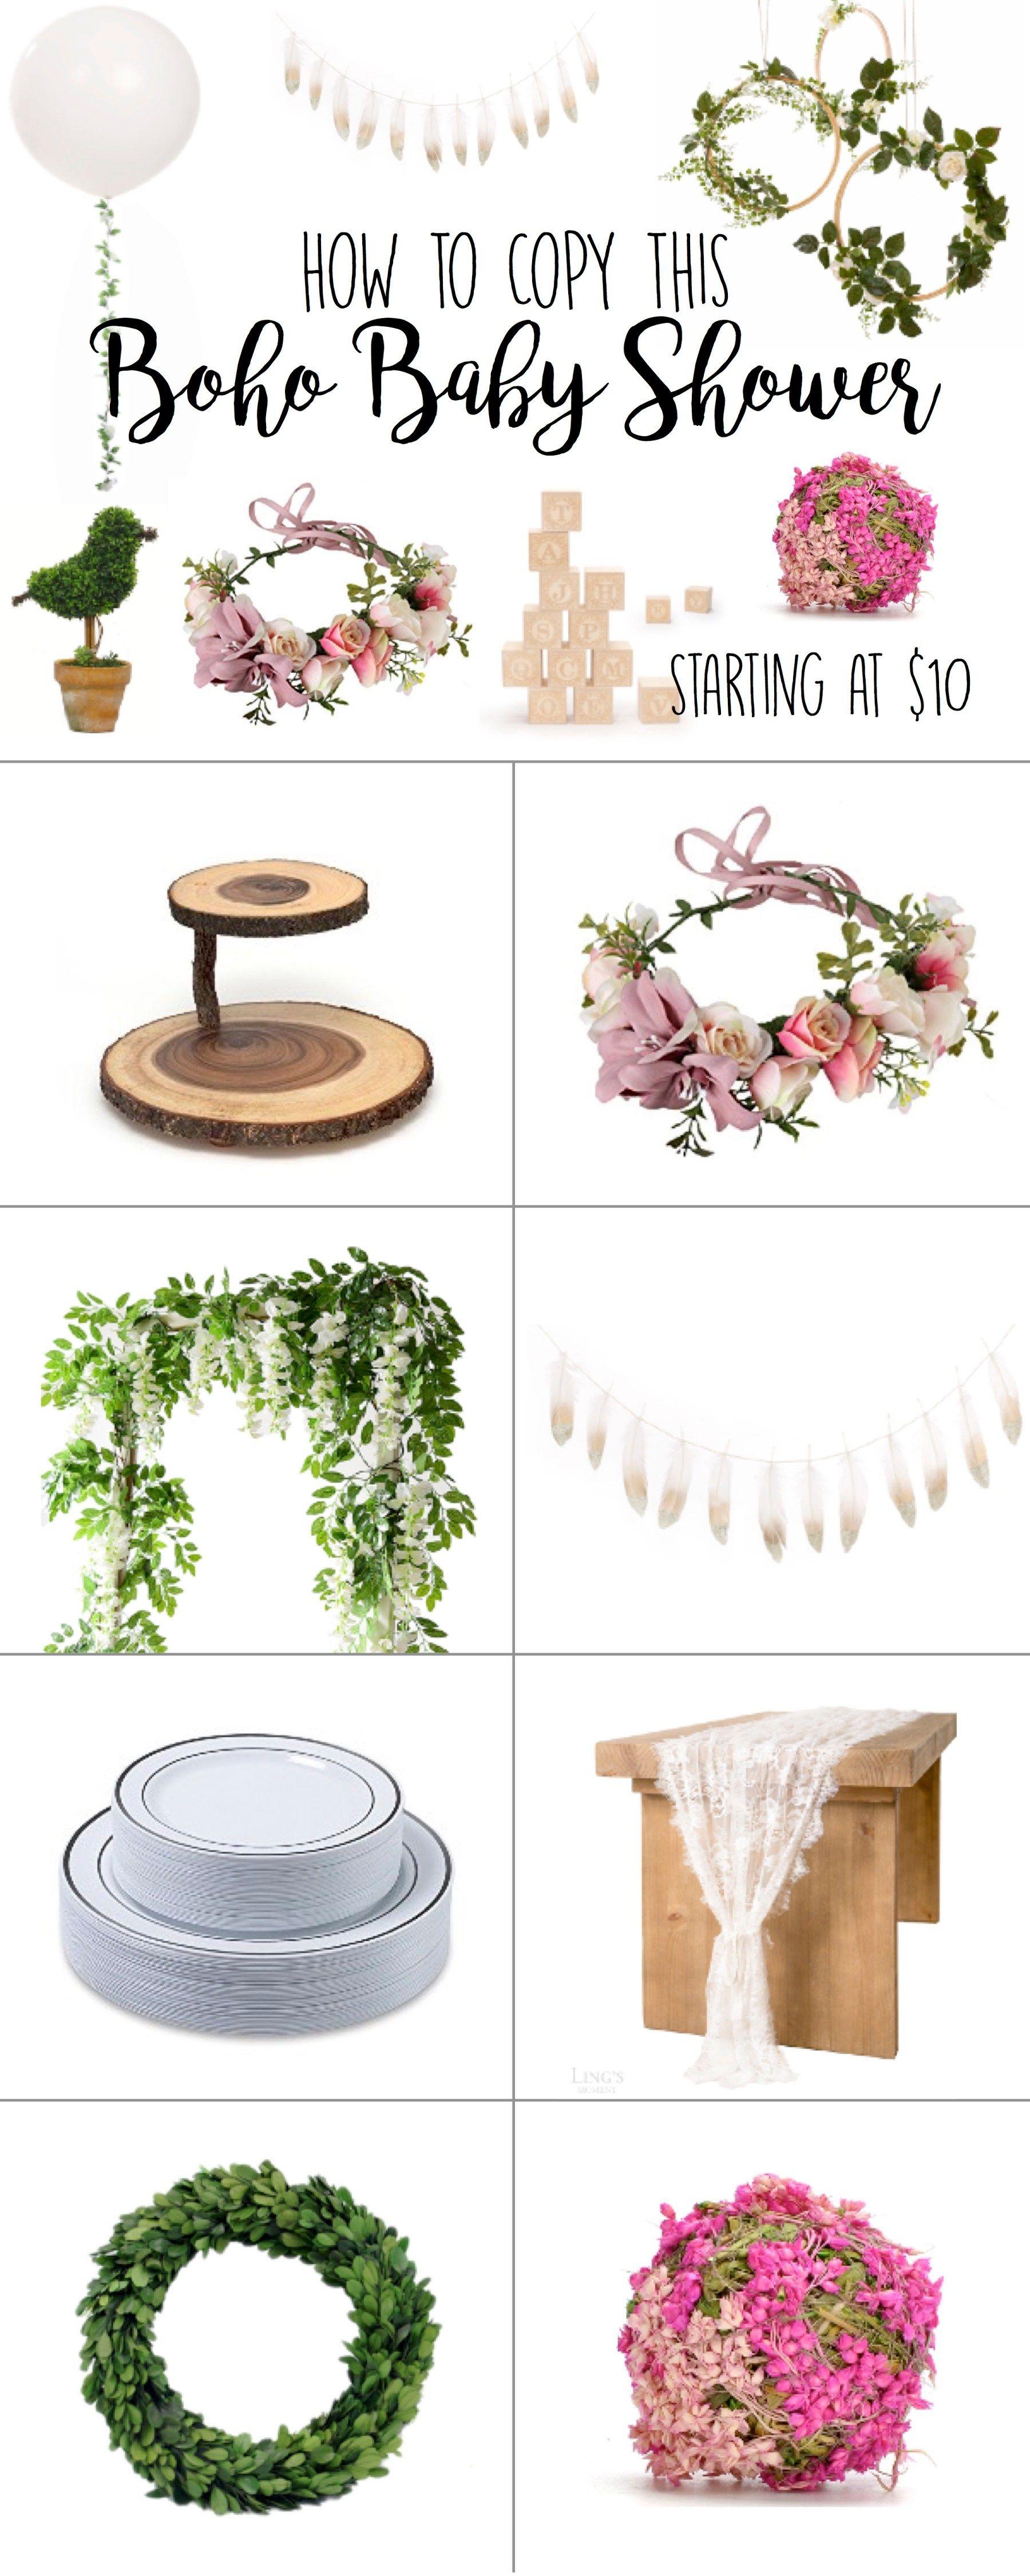 Boho Baby Shower Ideas – Elegant theme for boy or girl baby shower